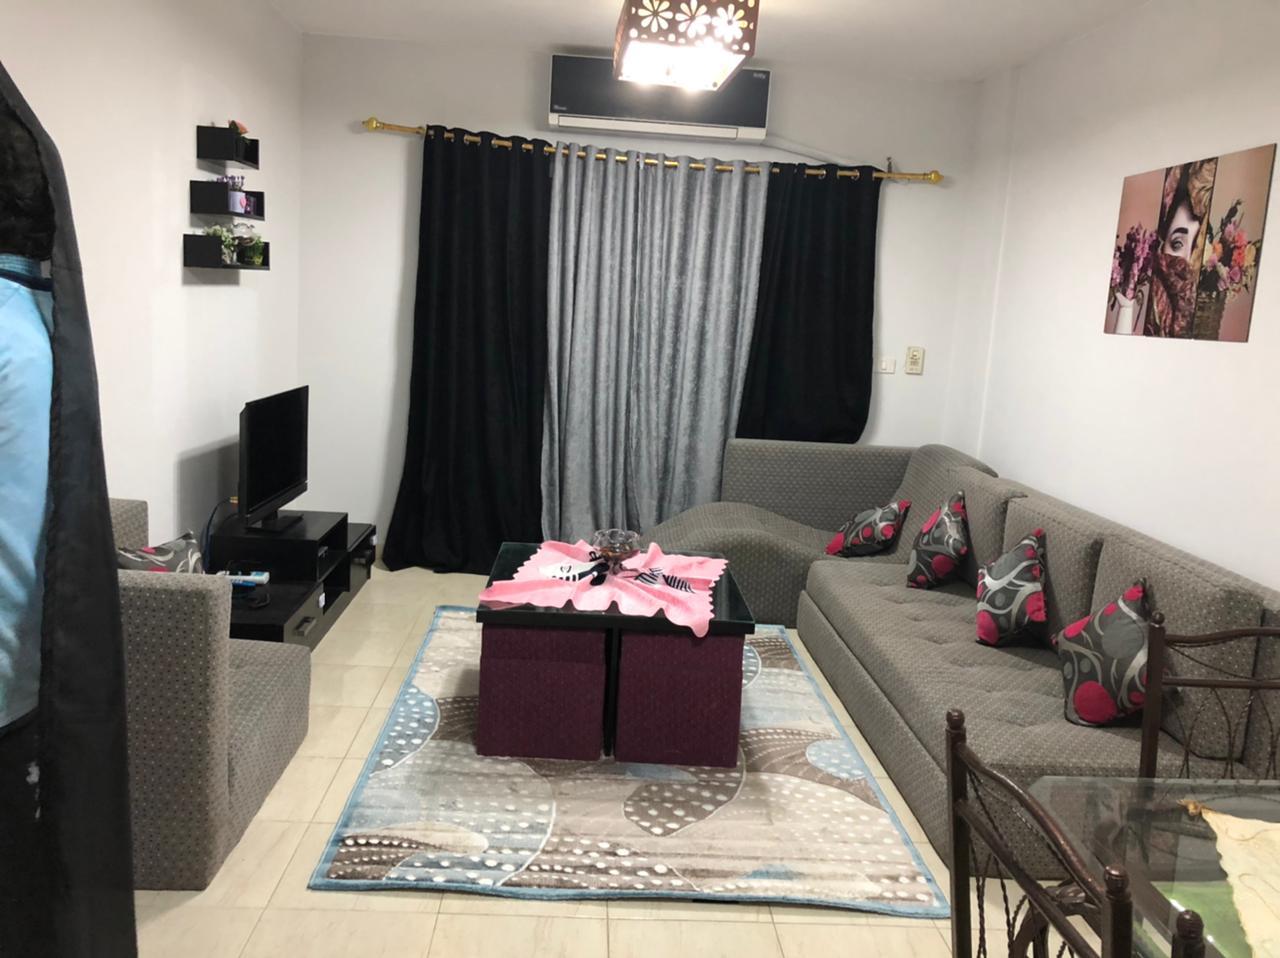 شقة مفروشة للايجار بمدينتي القاهرة الجديدة